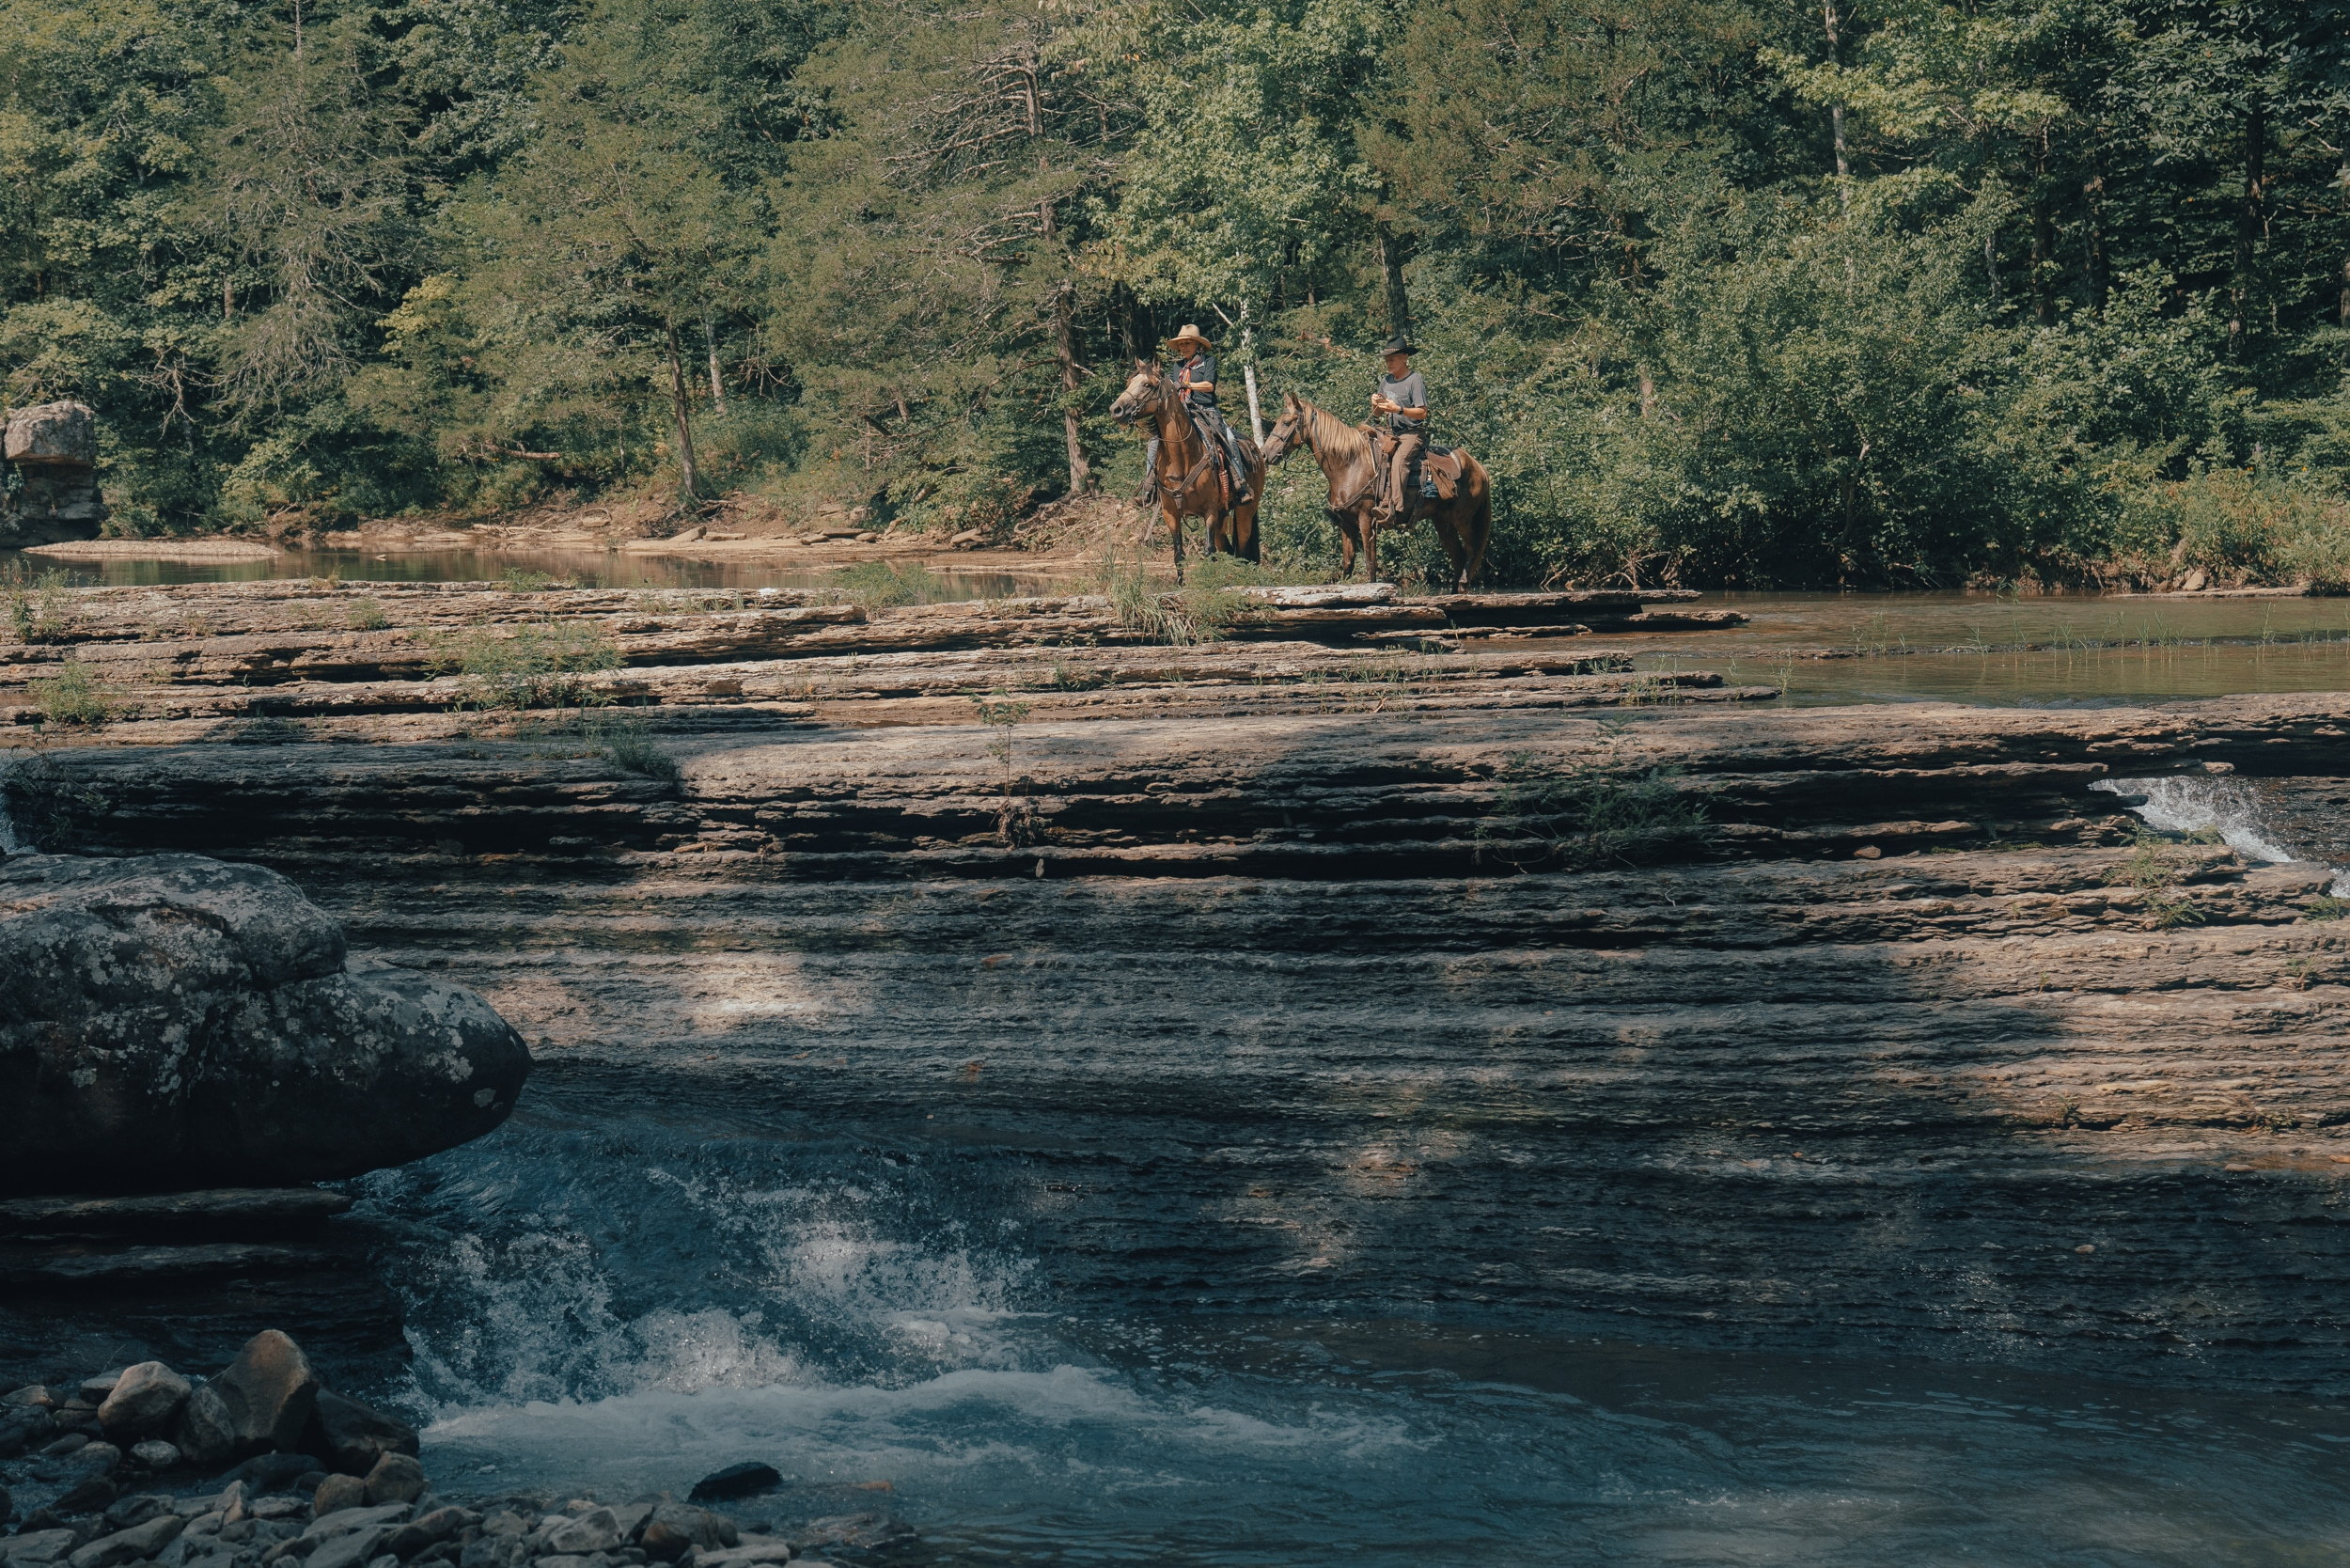 Horseback Riding at Rimrock Cove Ranch